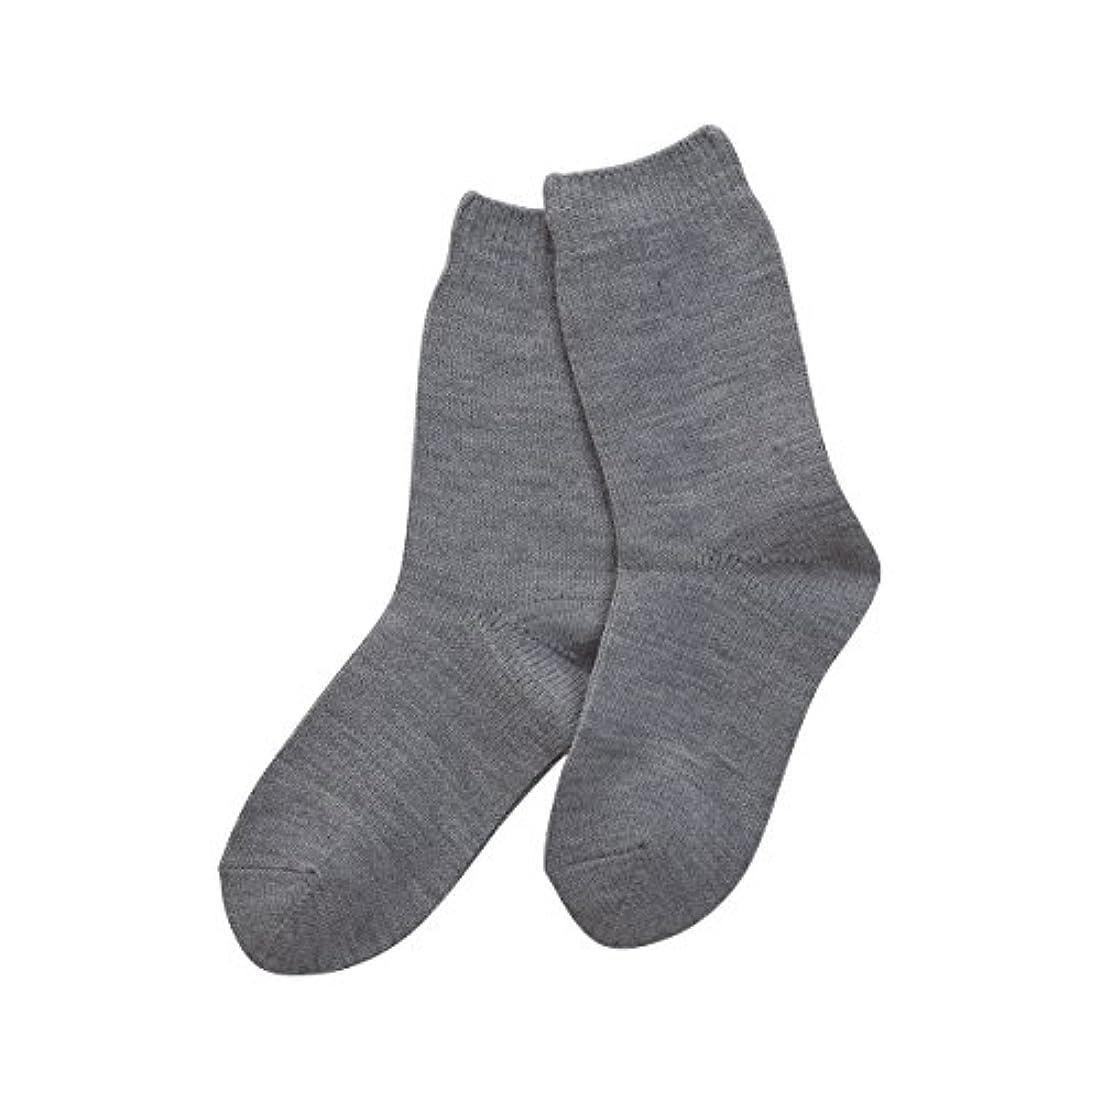 章眉休憩する(コベス) KOBES ゴムなし 毛混 超ゆったり特大サイズ 靴下 日本製 紳士靴下